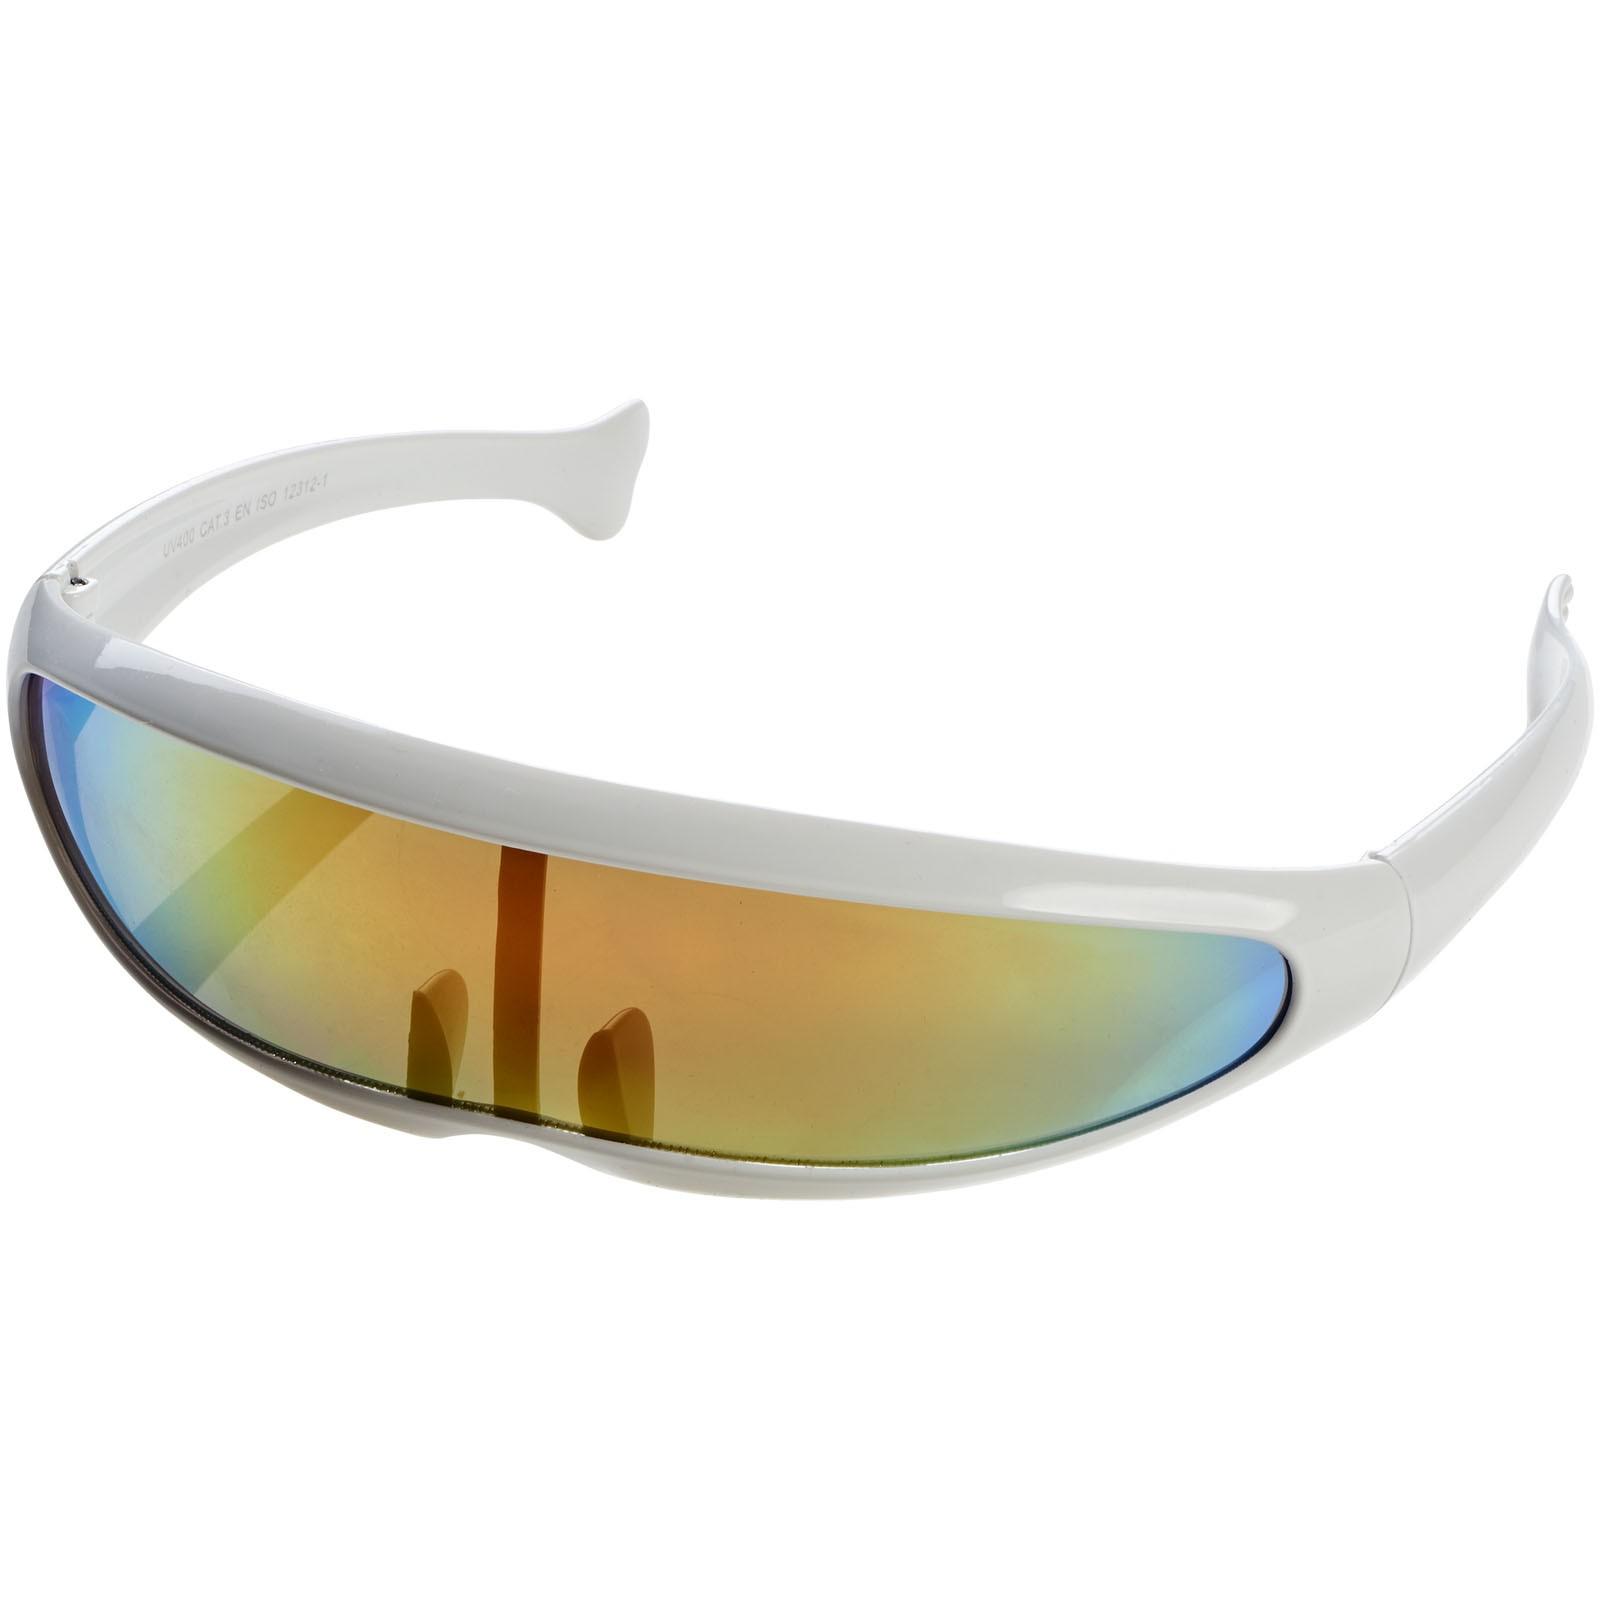 Planga Sonnenbrille - Weiss